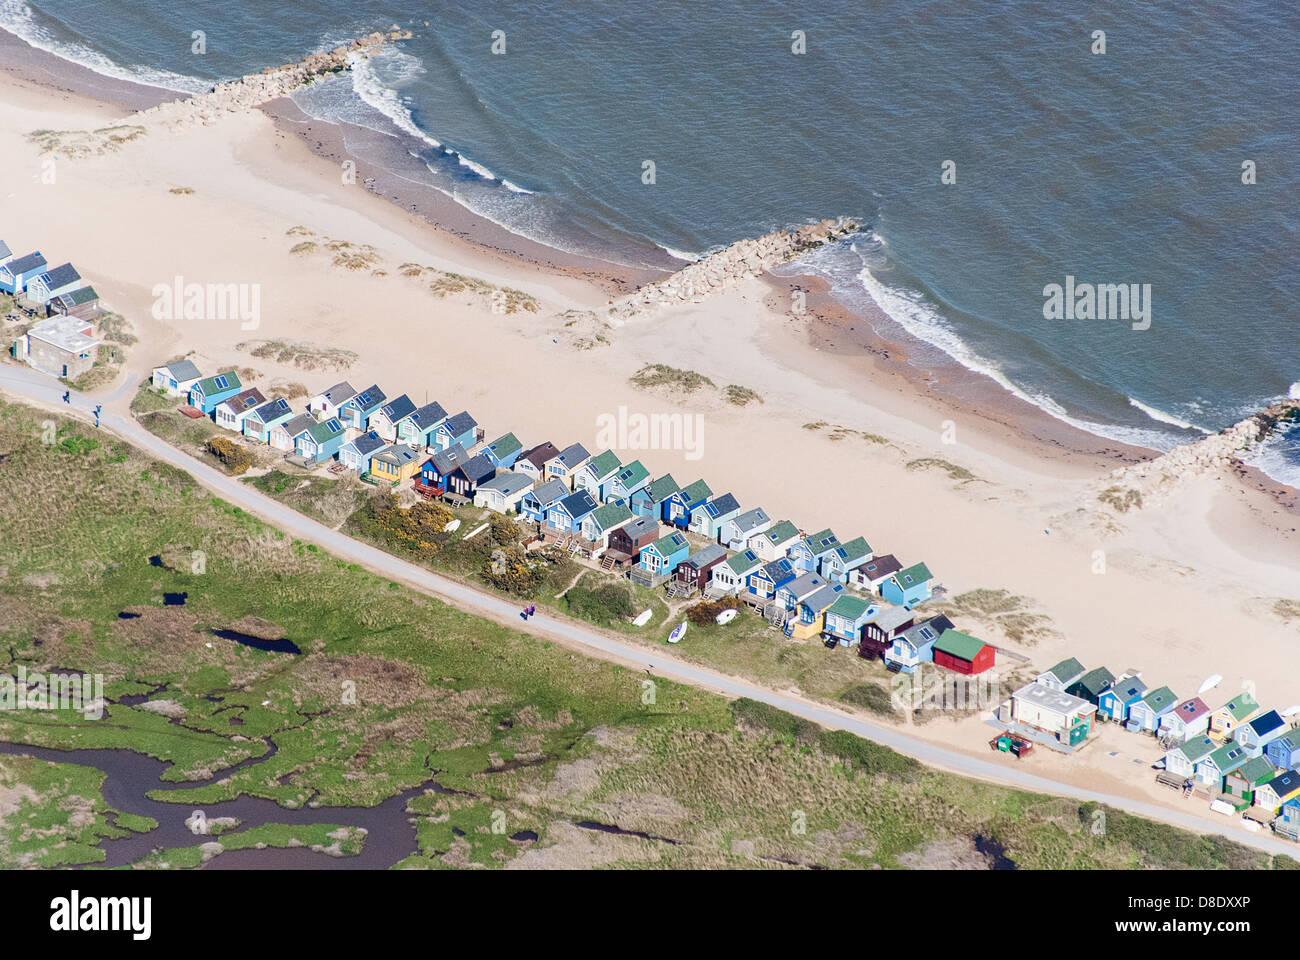 Aerial View of beach huts at Hengistbury Head Dorset UK - Stock Image